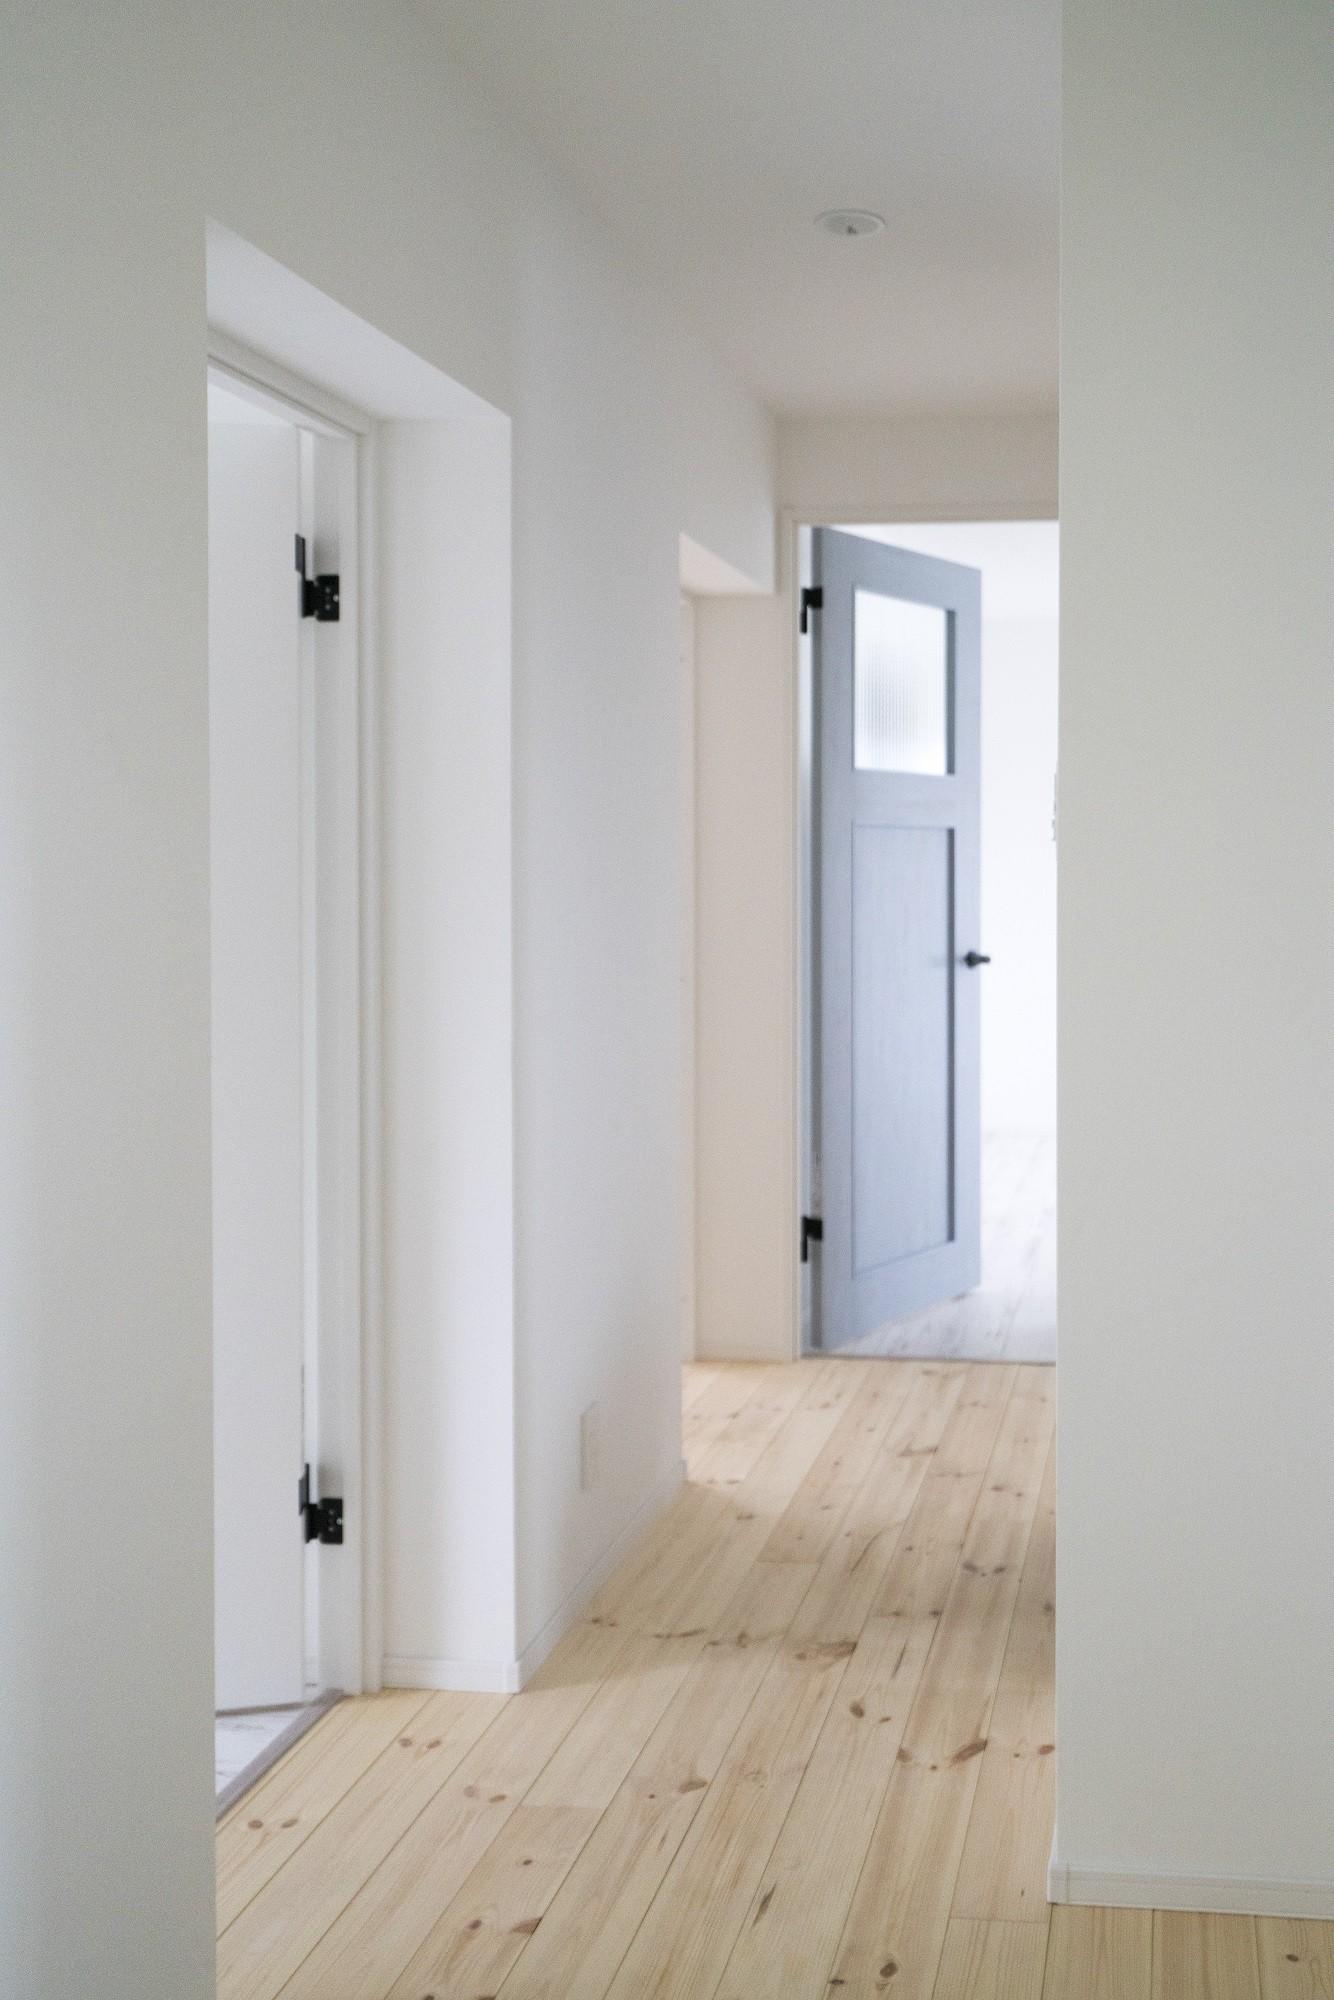 その他事例:廊下(リノベーション リビングと繋がる部屋)